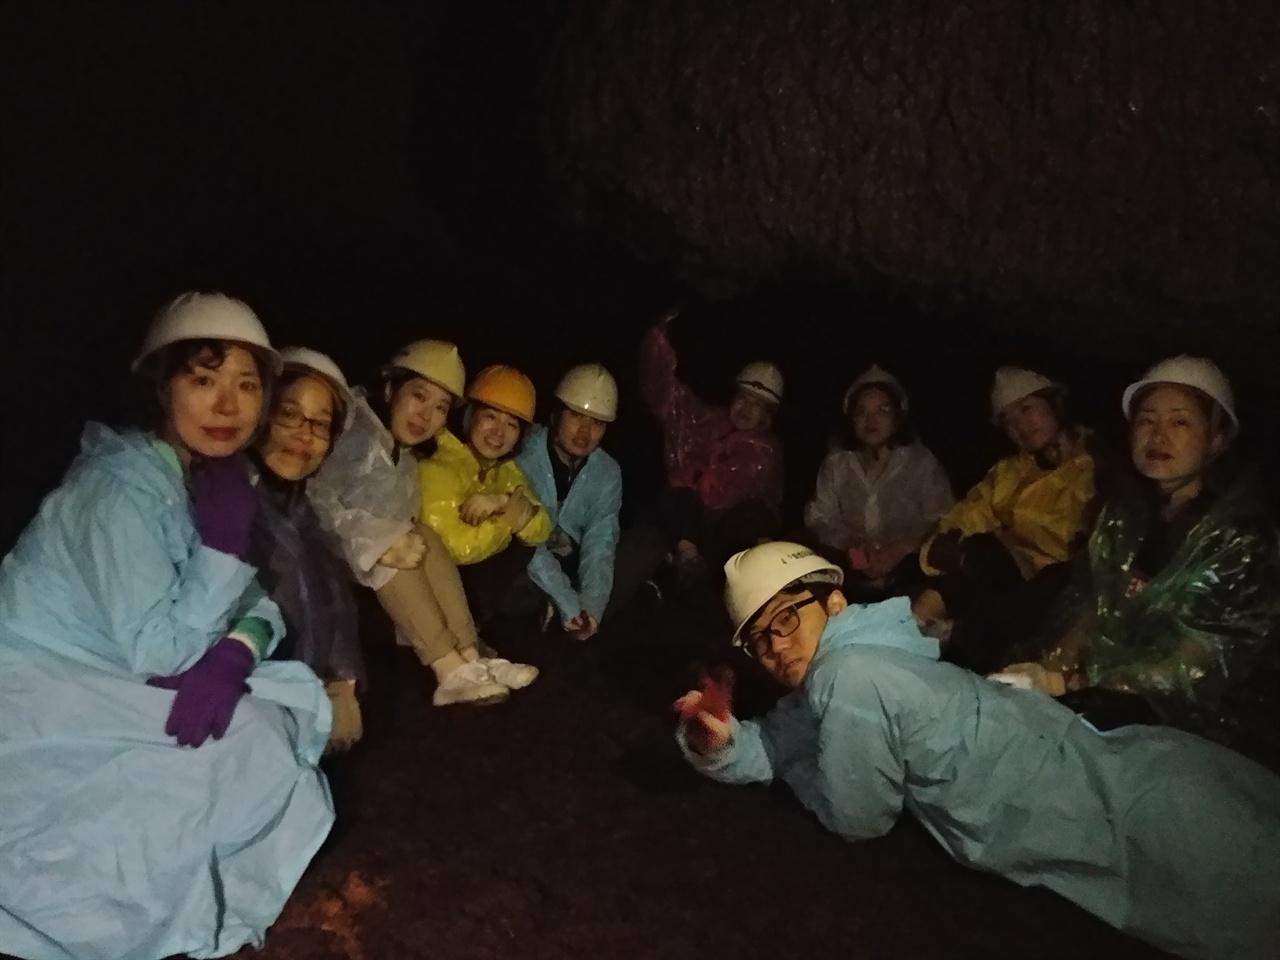 동광리 큰넓궤 끝. 손전등을 끄고 어둠과 정적이 흐르는 동굴에서 당시 주민들의 삶을 떠올려보았다.